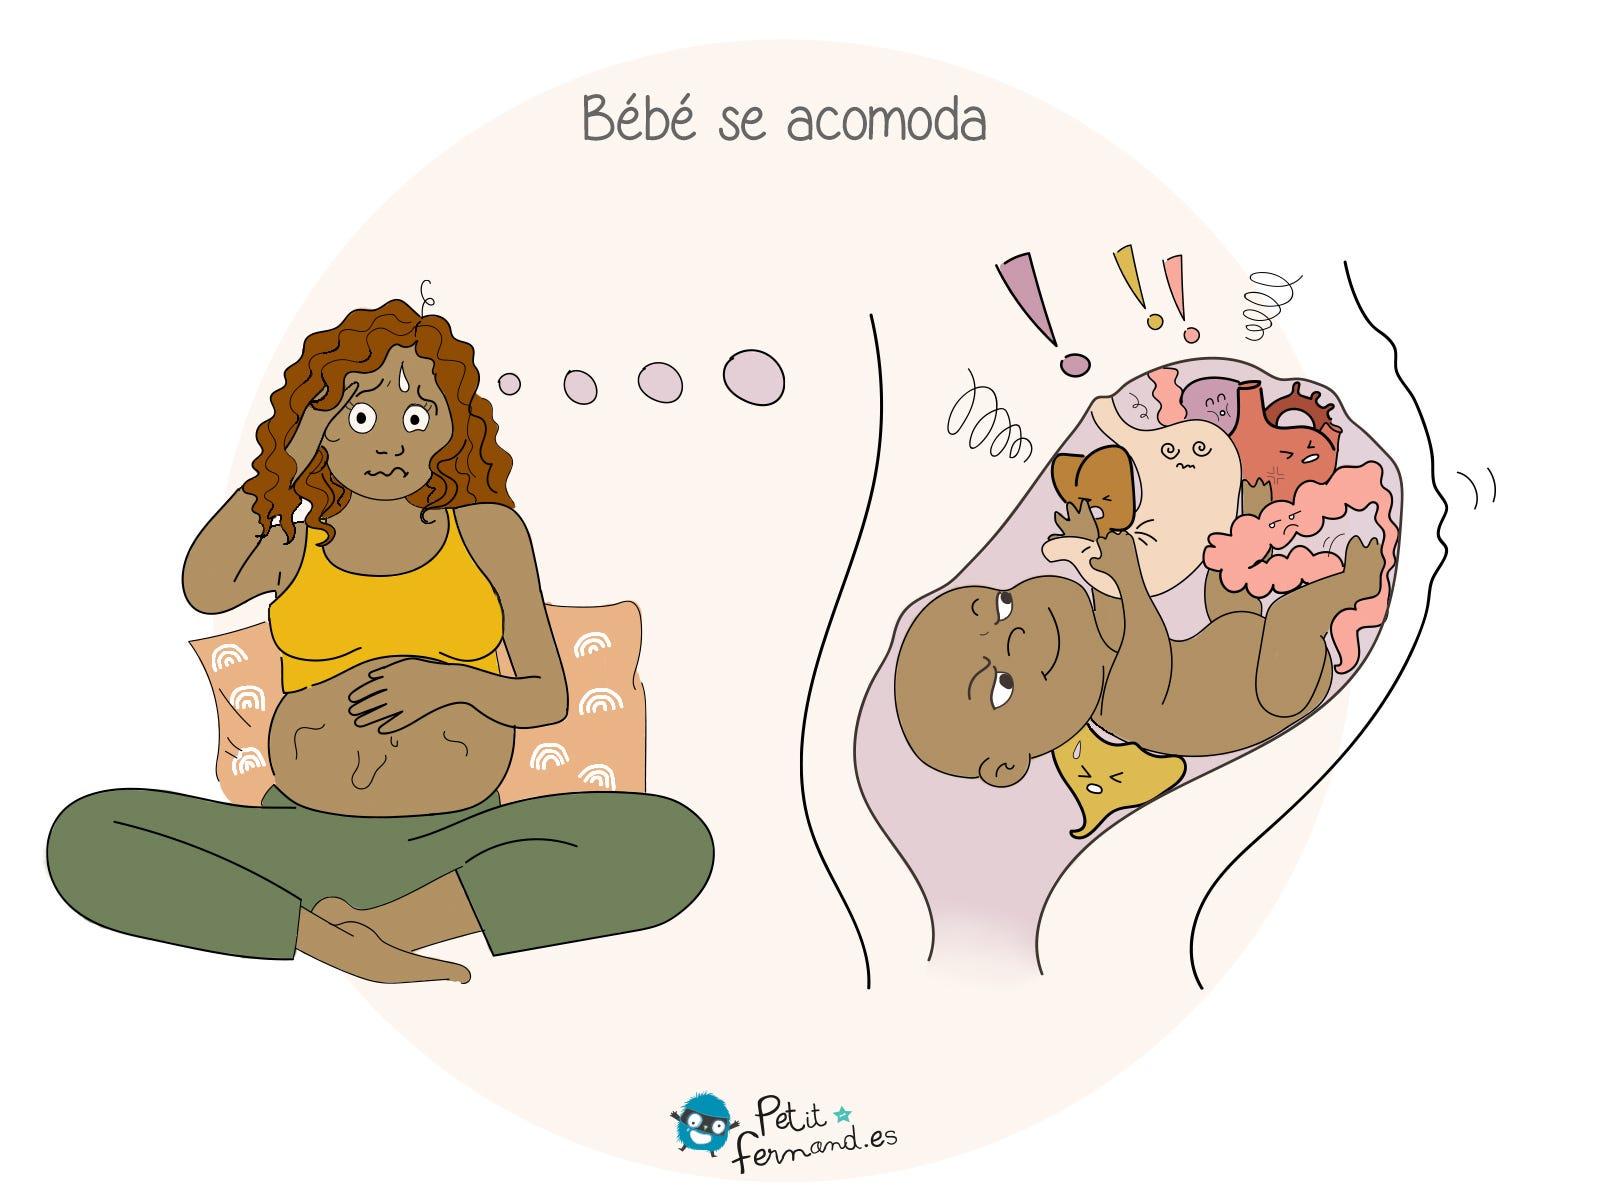 Duante el embarazo, el bébé se acomoda y ¡tu cuerpo se convierte en un campo de juego !